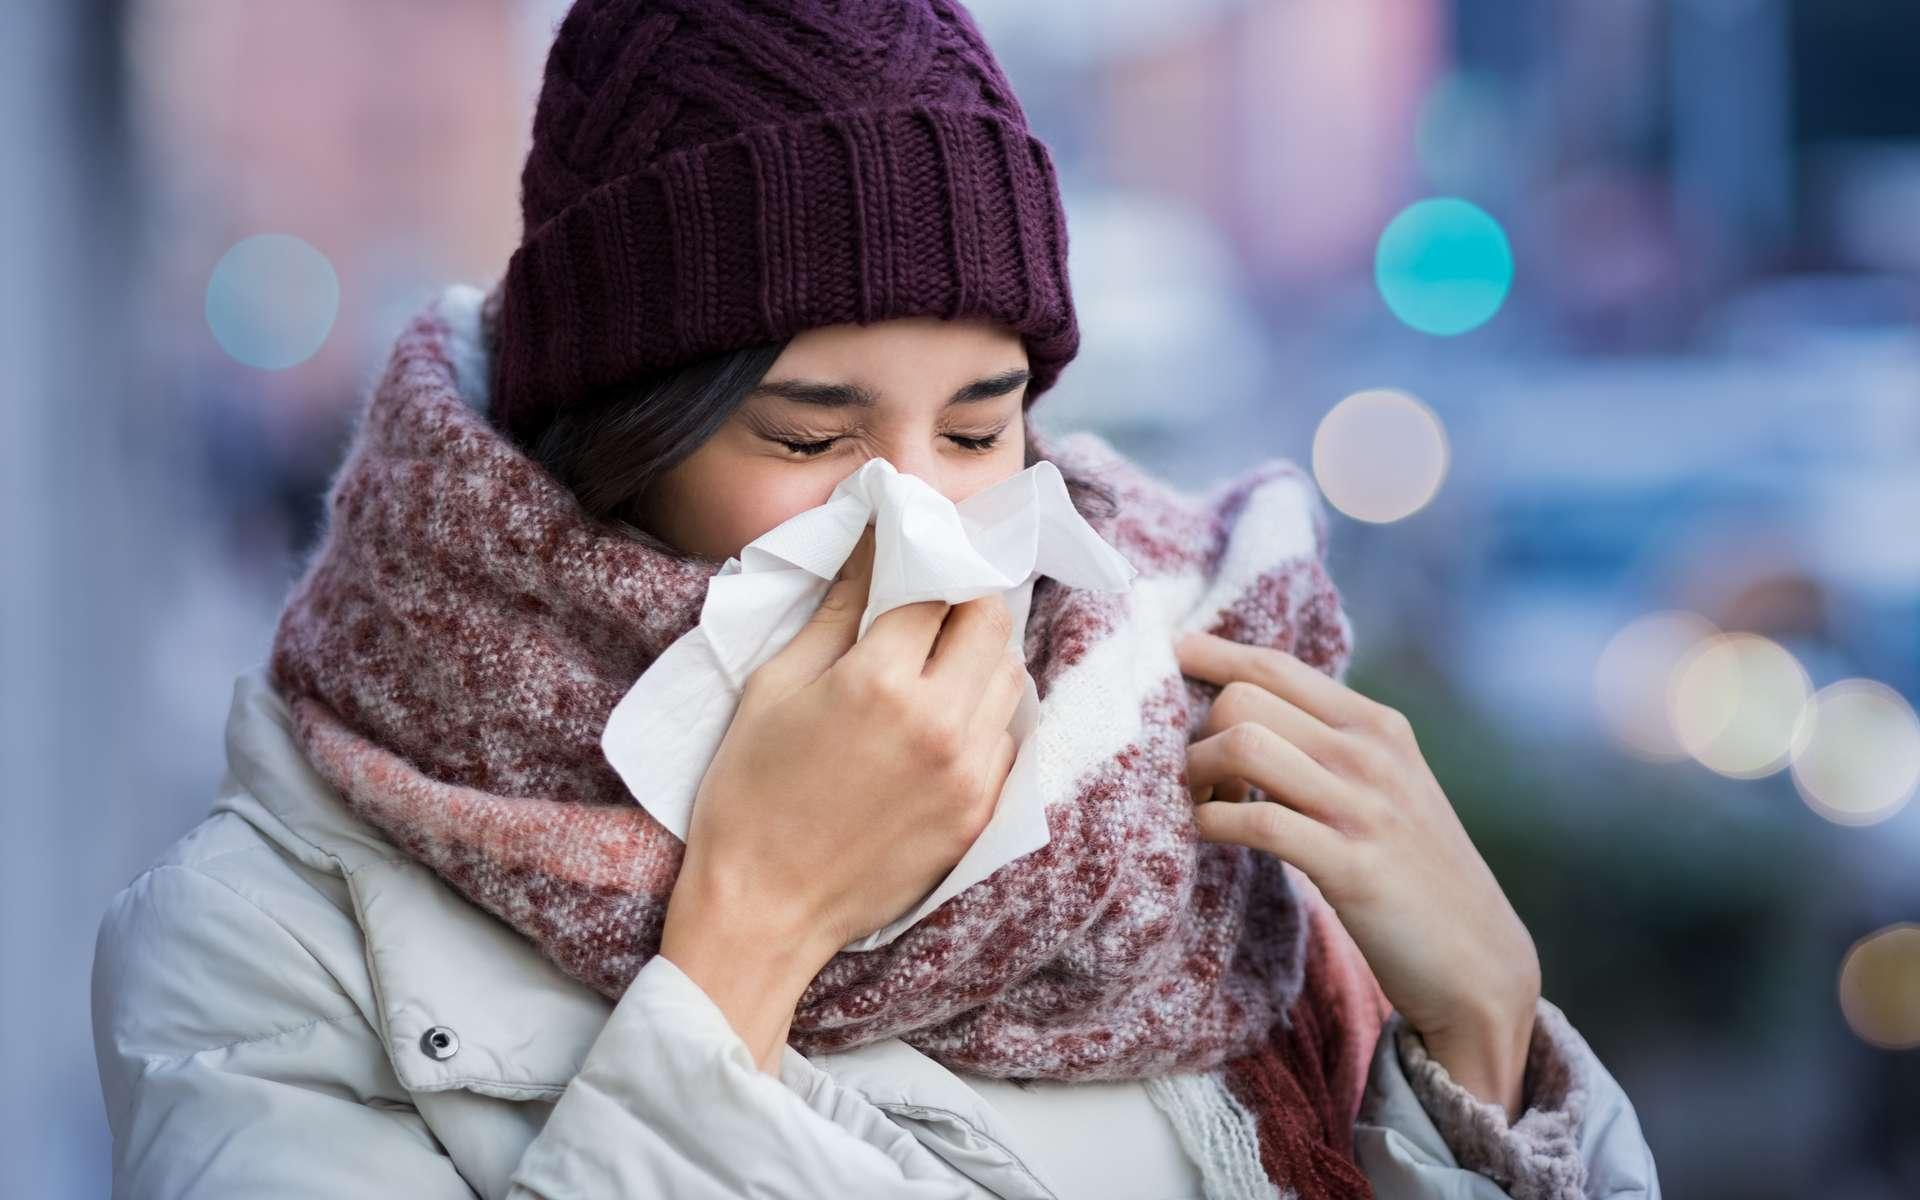 Tous les hivers, des millions de français contractent la grippe et le rhume. Pourtant, ces deux virus ne s'entendent pas du tout, l'un empêche même l'autre d'agir. © Rido, Adobe Stock